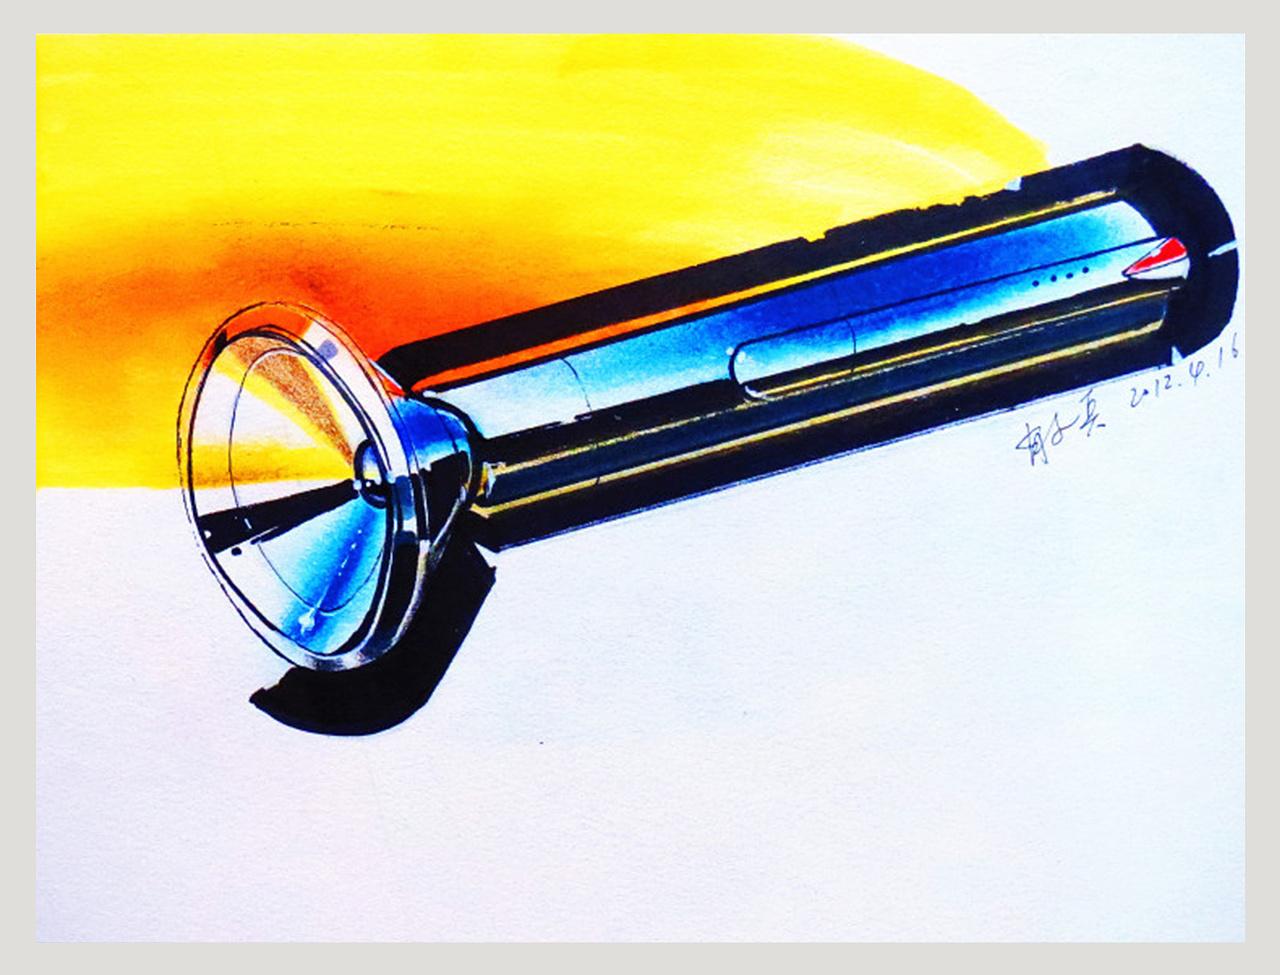 工业产品手绘练习|工业/产品|交通工具|幽渺旭生